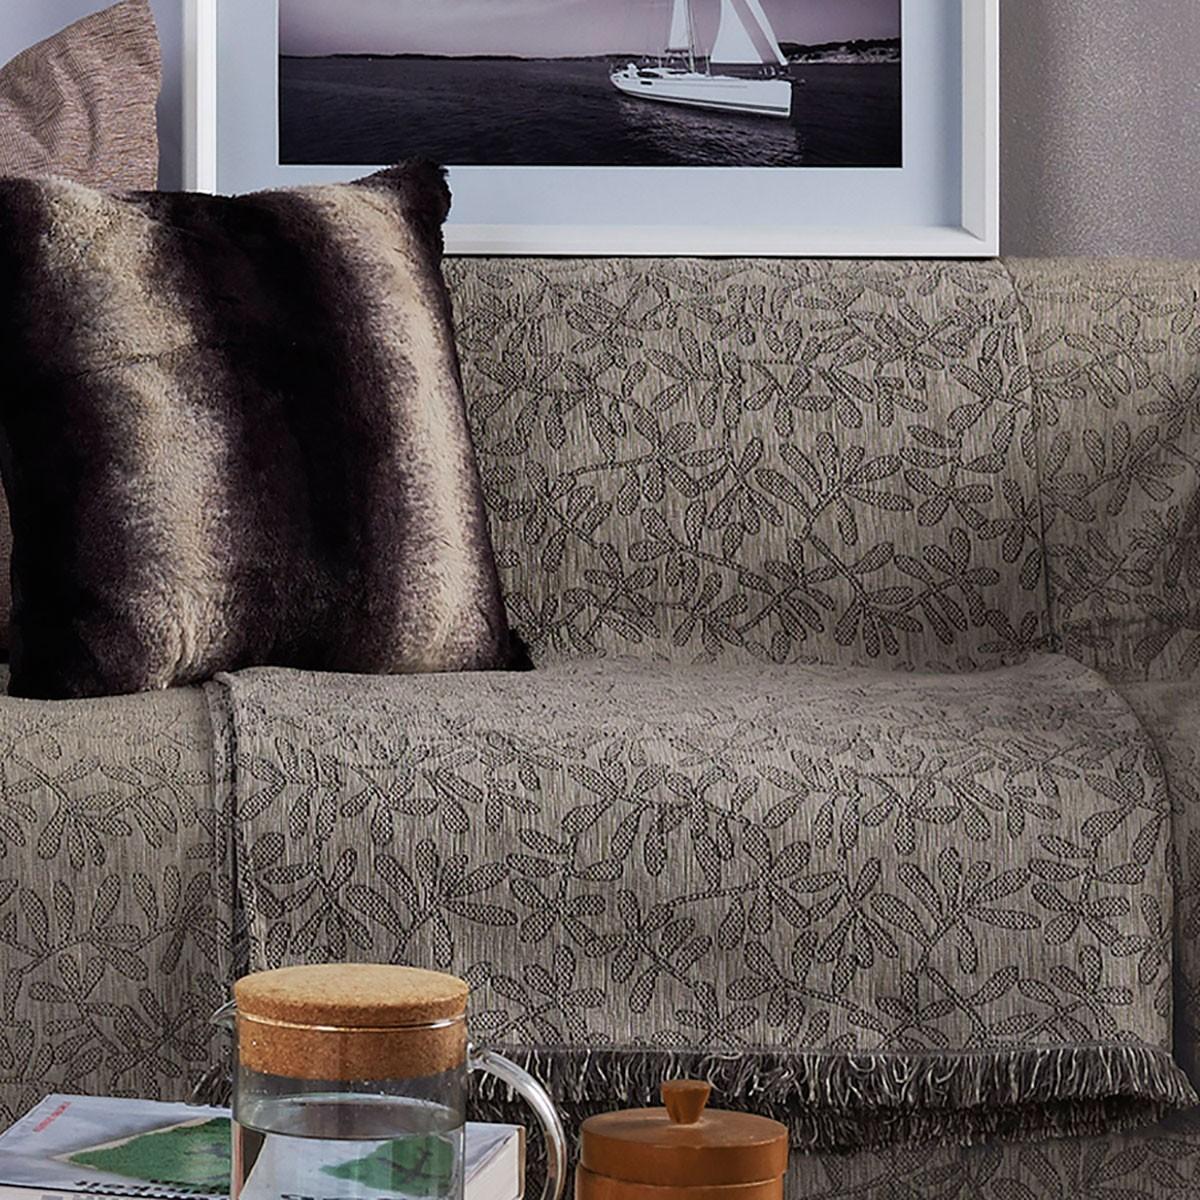 Ριχτάρι Τετραθέσιου (180x340) Kentia Home Made Itilo 26